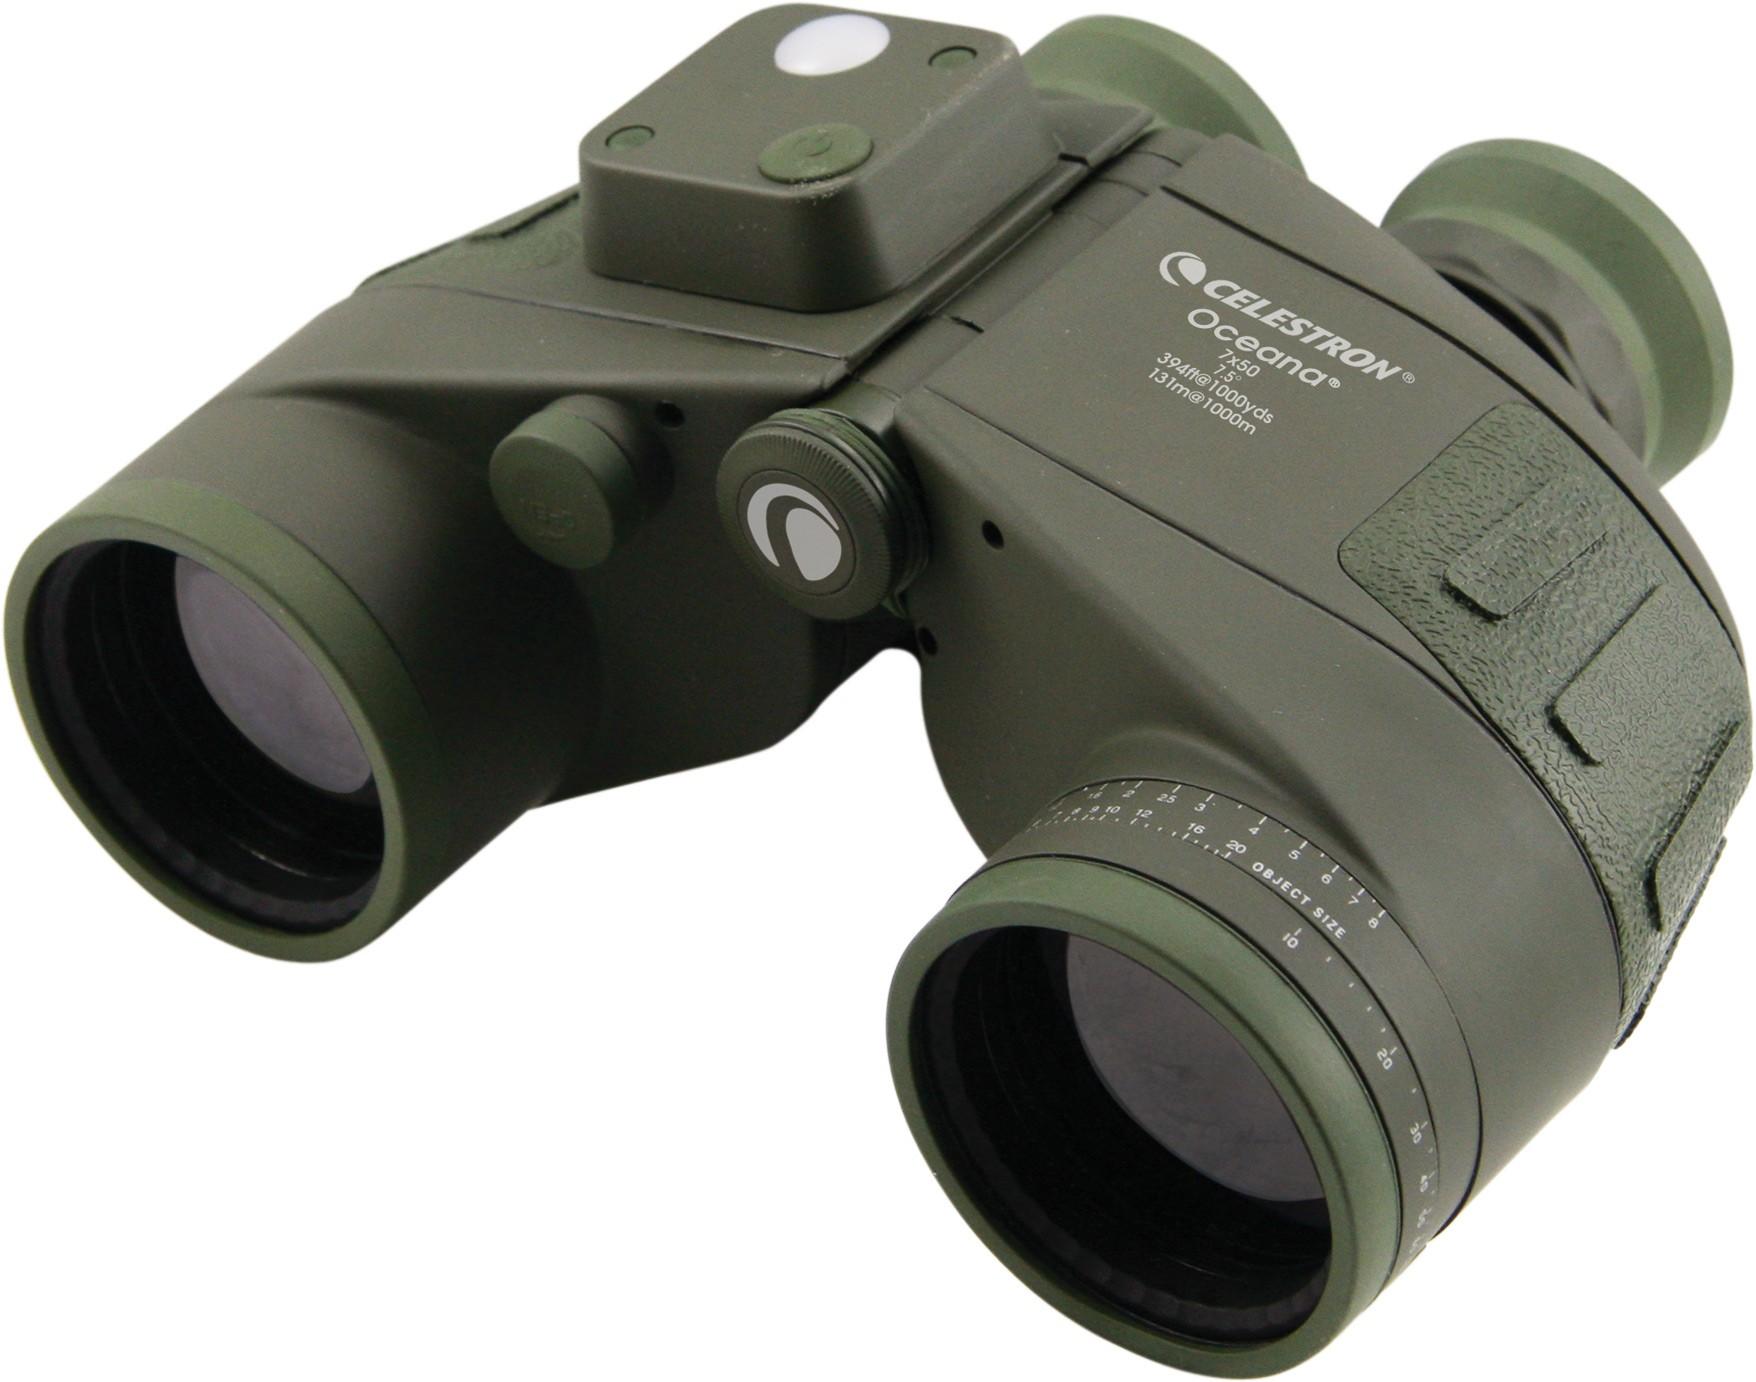 military binoculars celestron oceana 7x50